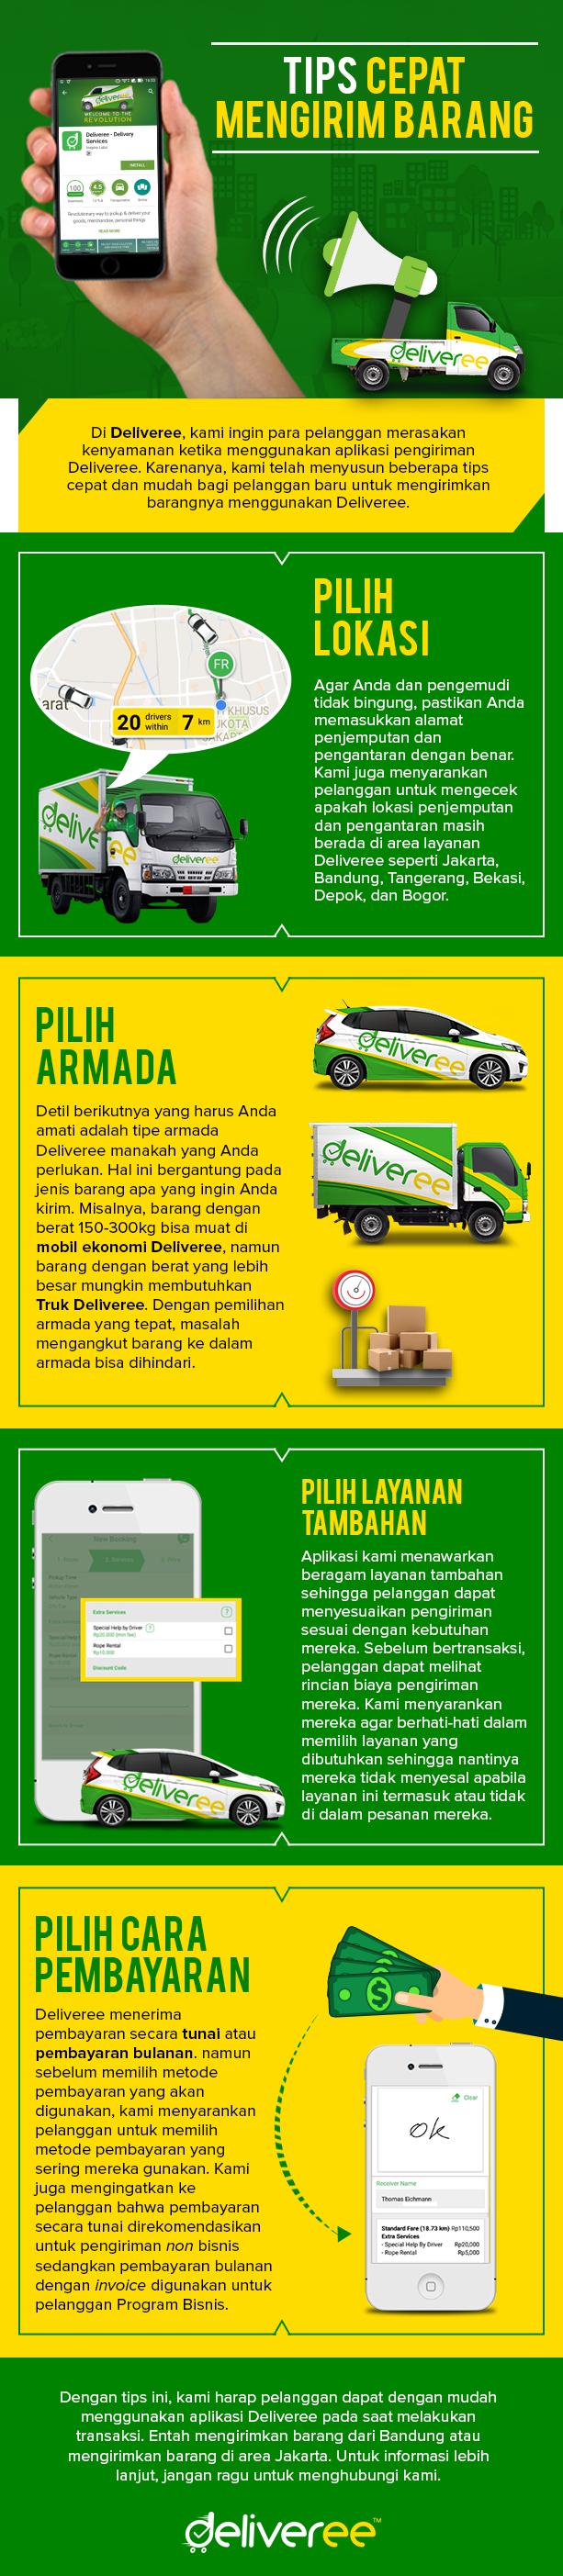 biaya kirim,aplikasi pengiriman,area pelayanan deliveree,bandung,bisnis program